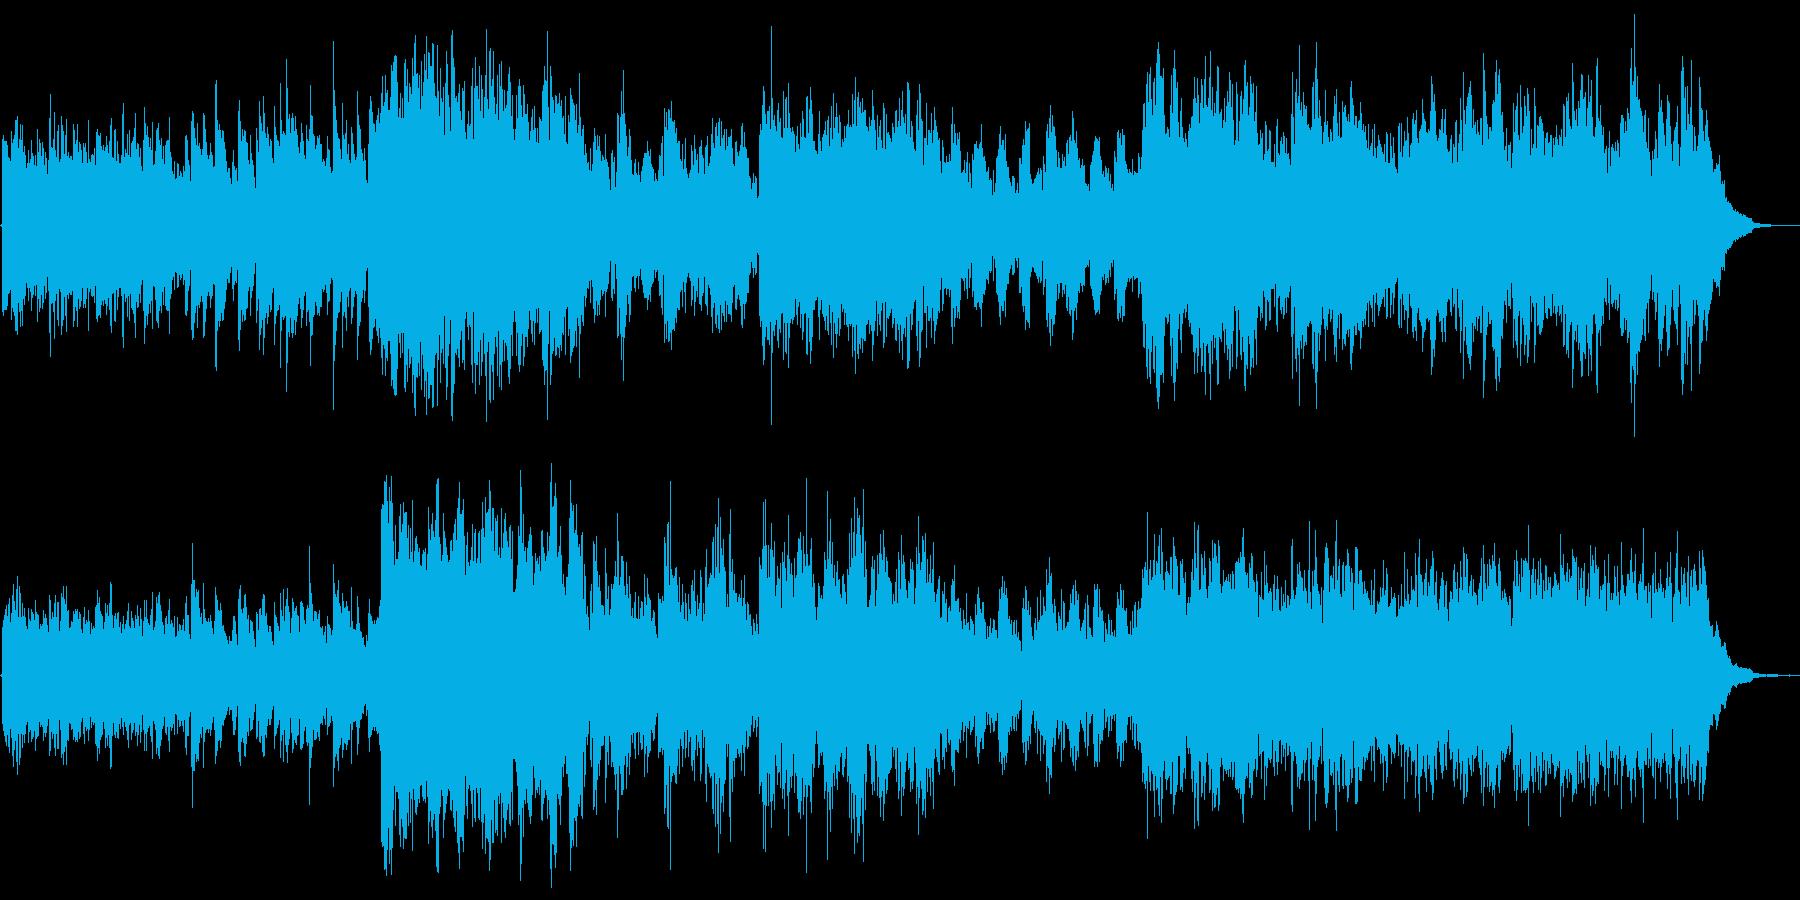 ピアノとストリングスのやさしい感じの再生済みの波形